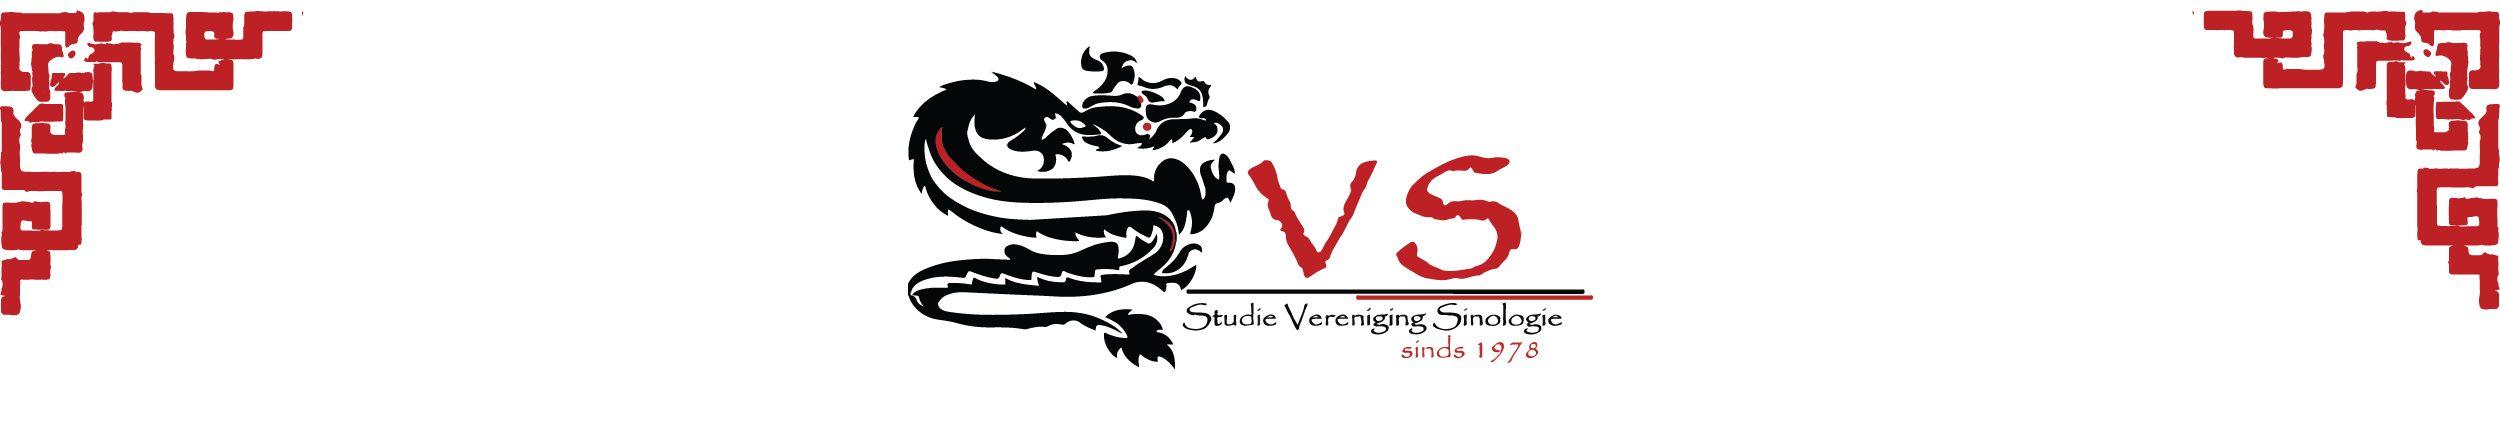 Studie Vereniging Sinologie Leiden